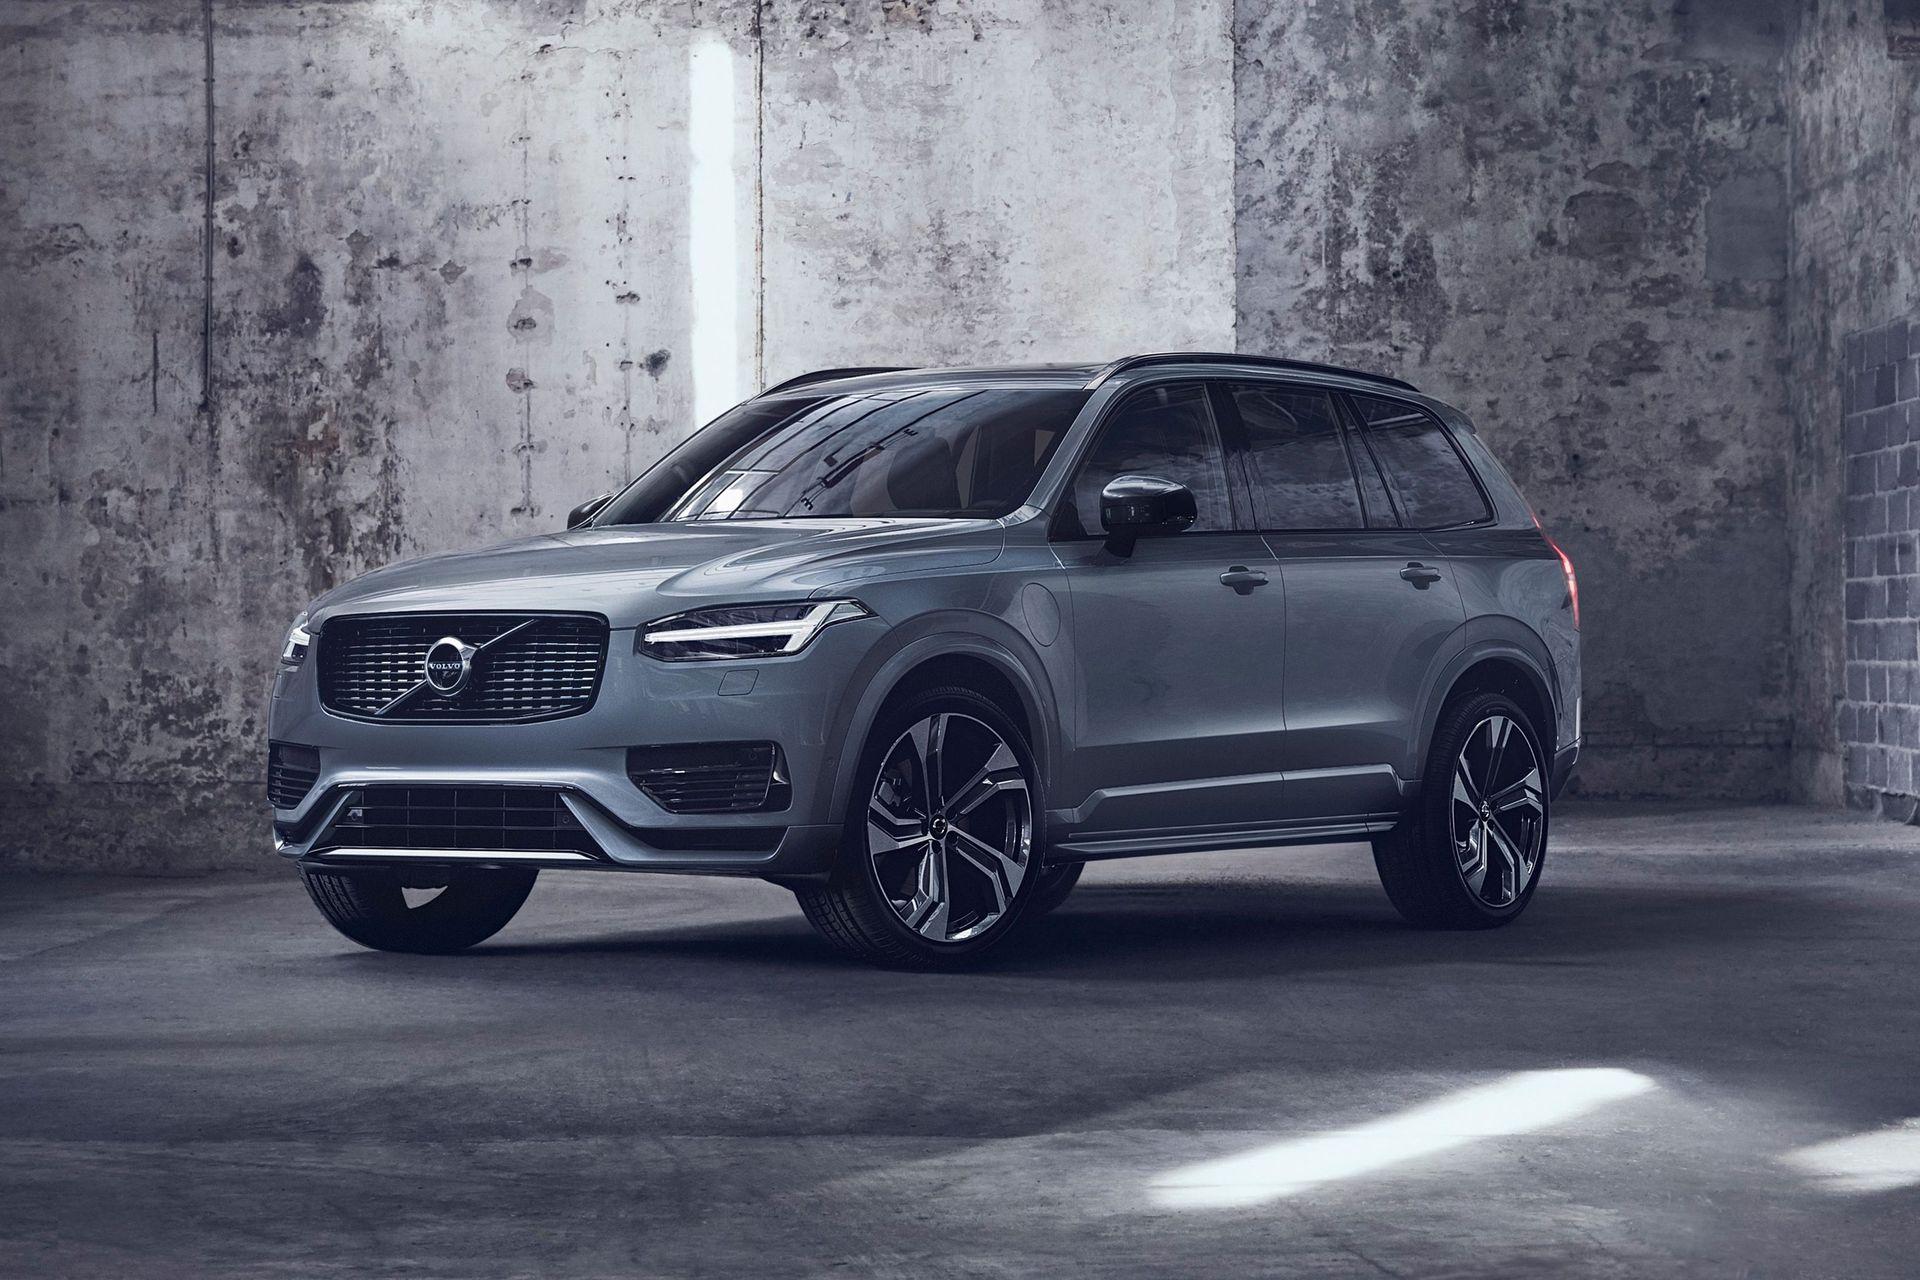 Snart kan suvar utgöra 75 procent av Volvos försäljning